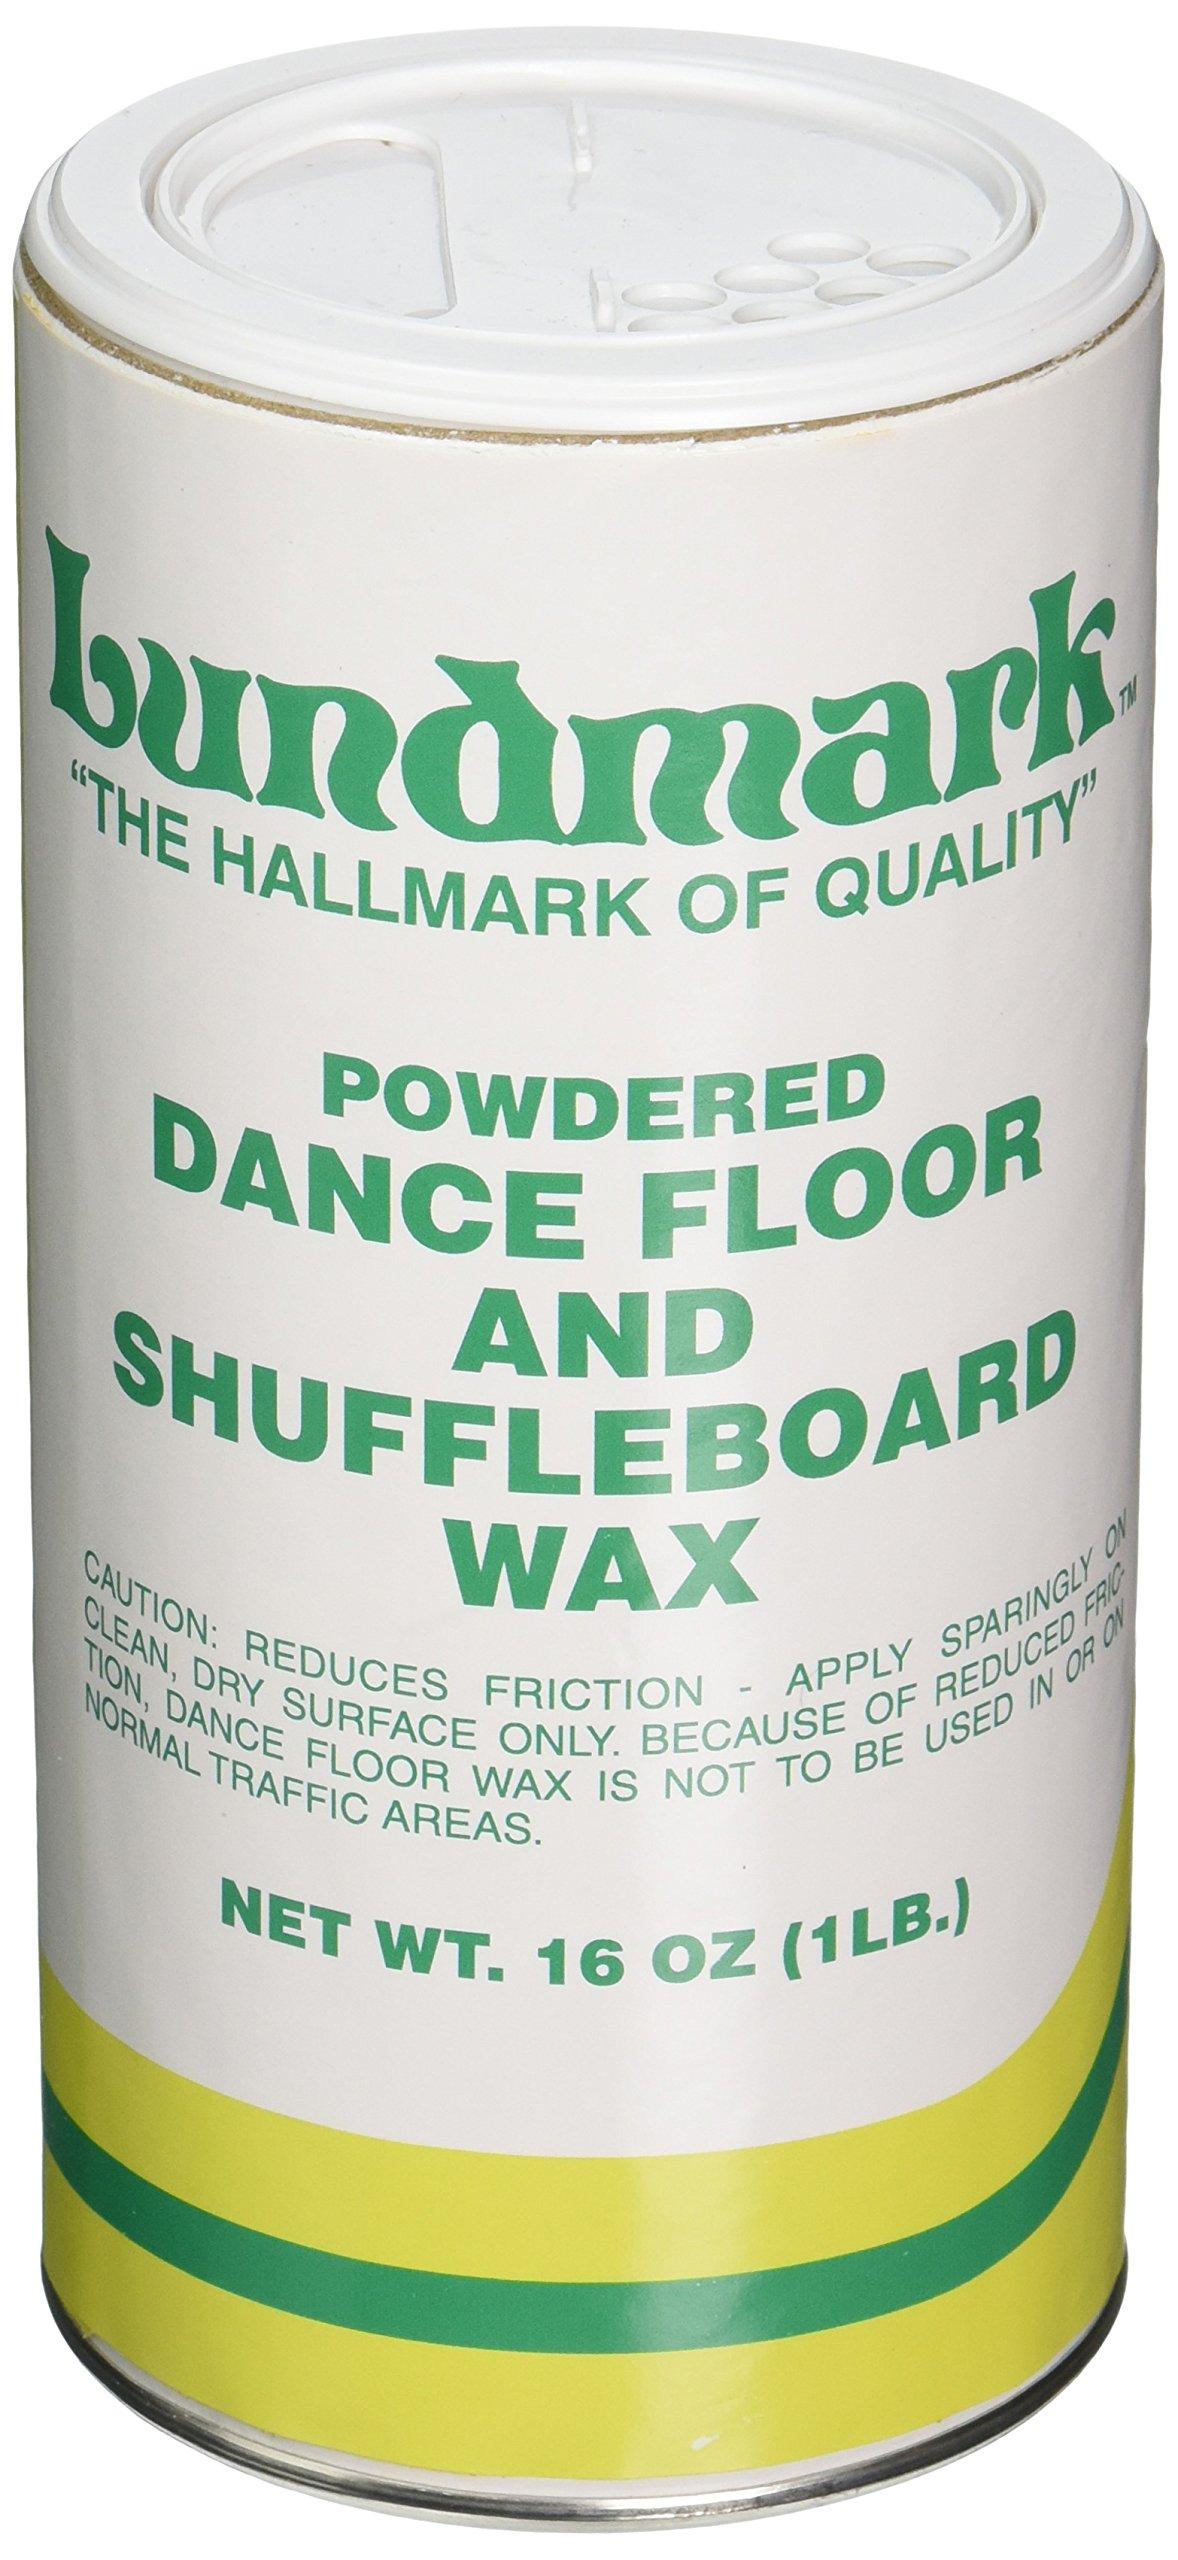 Lundmark Wax LUN-3224P001 12 x 1 lb Dance Floor Wax